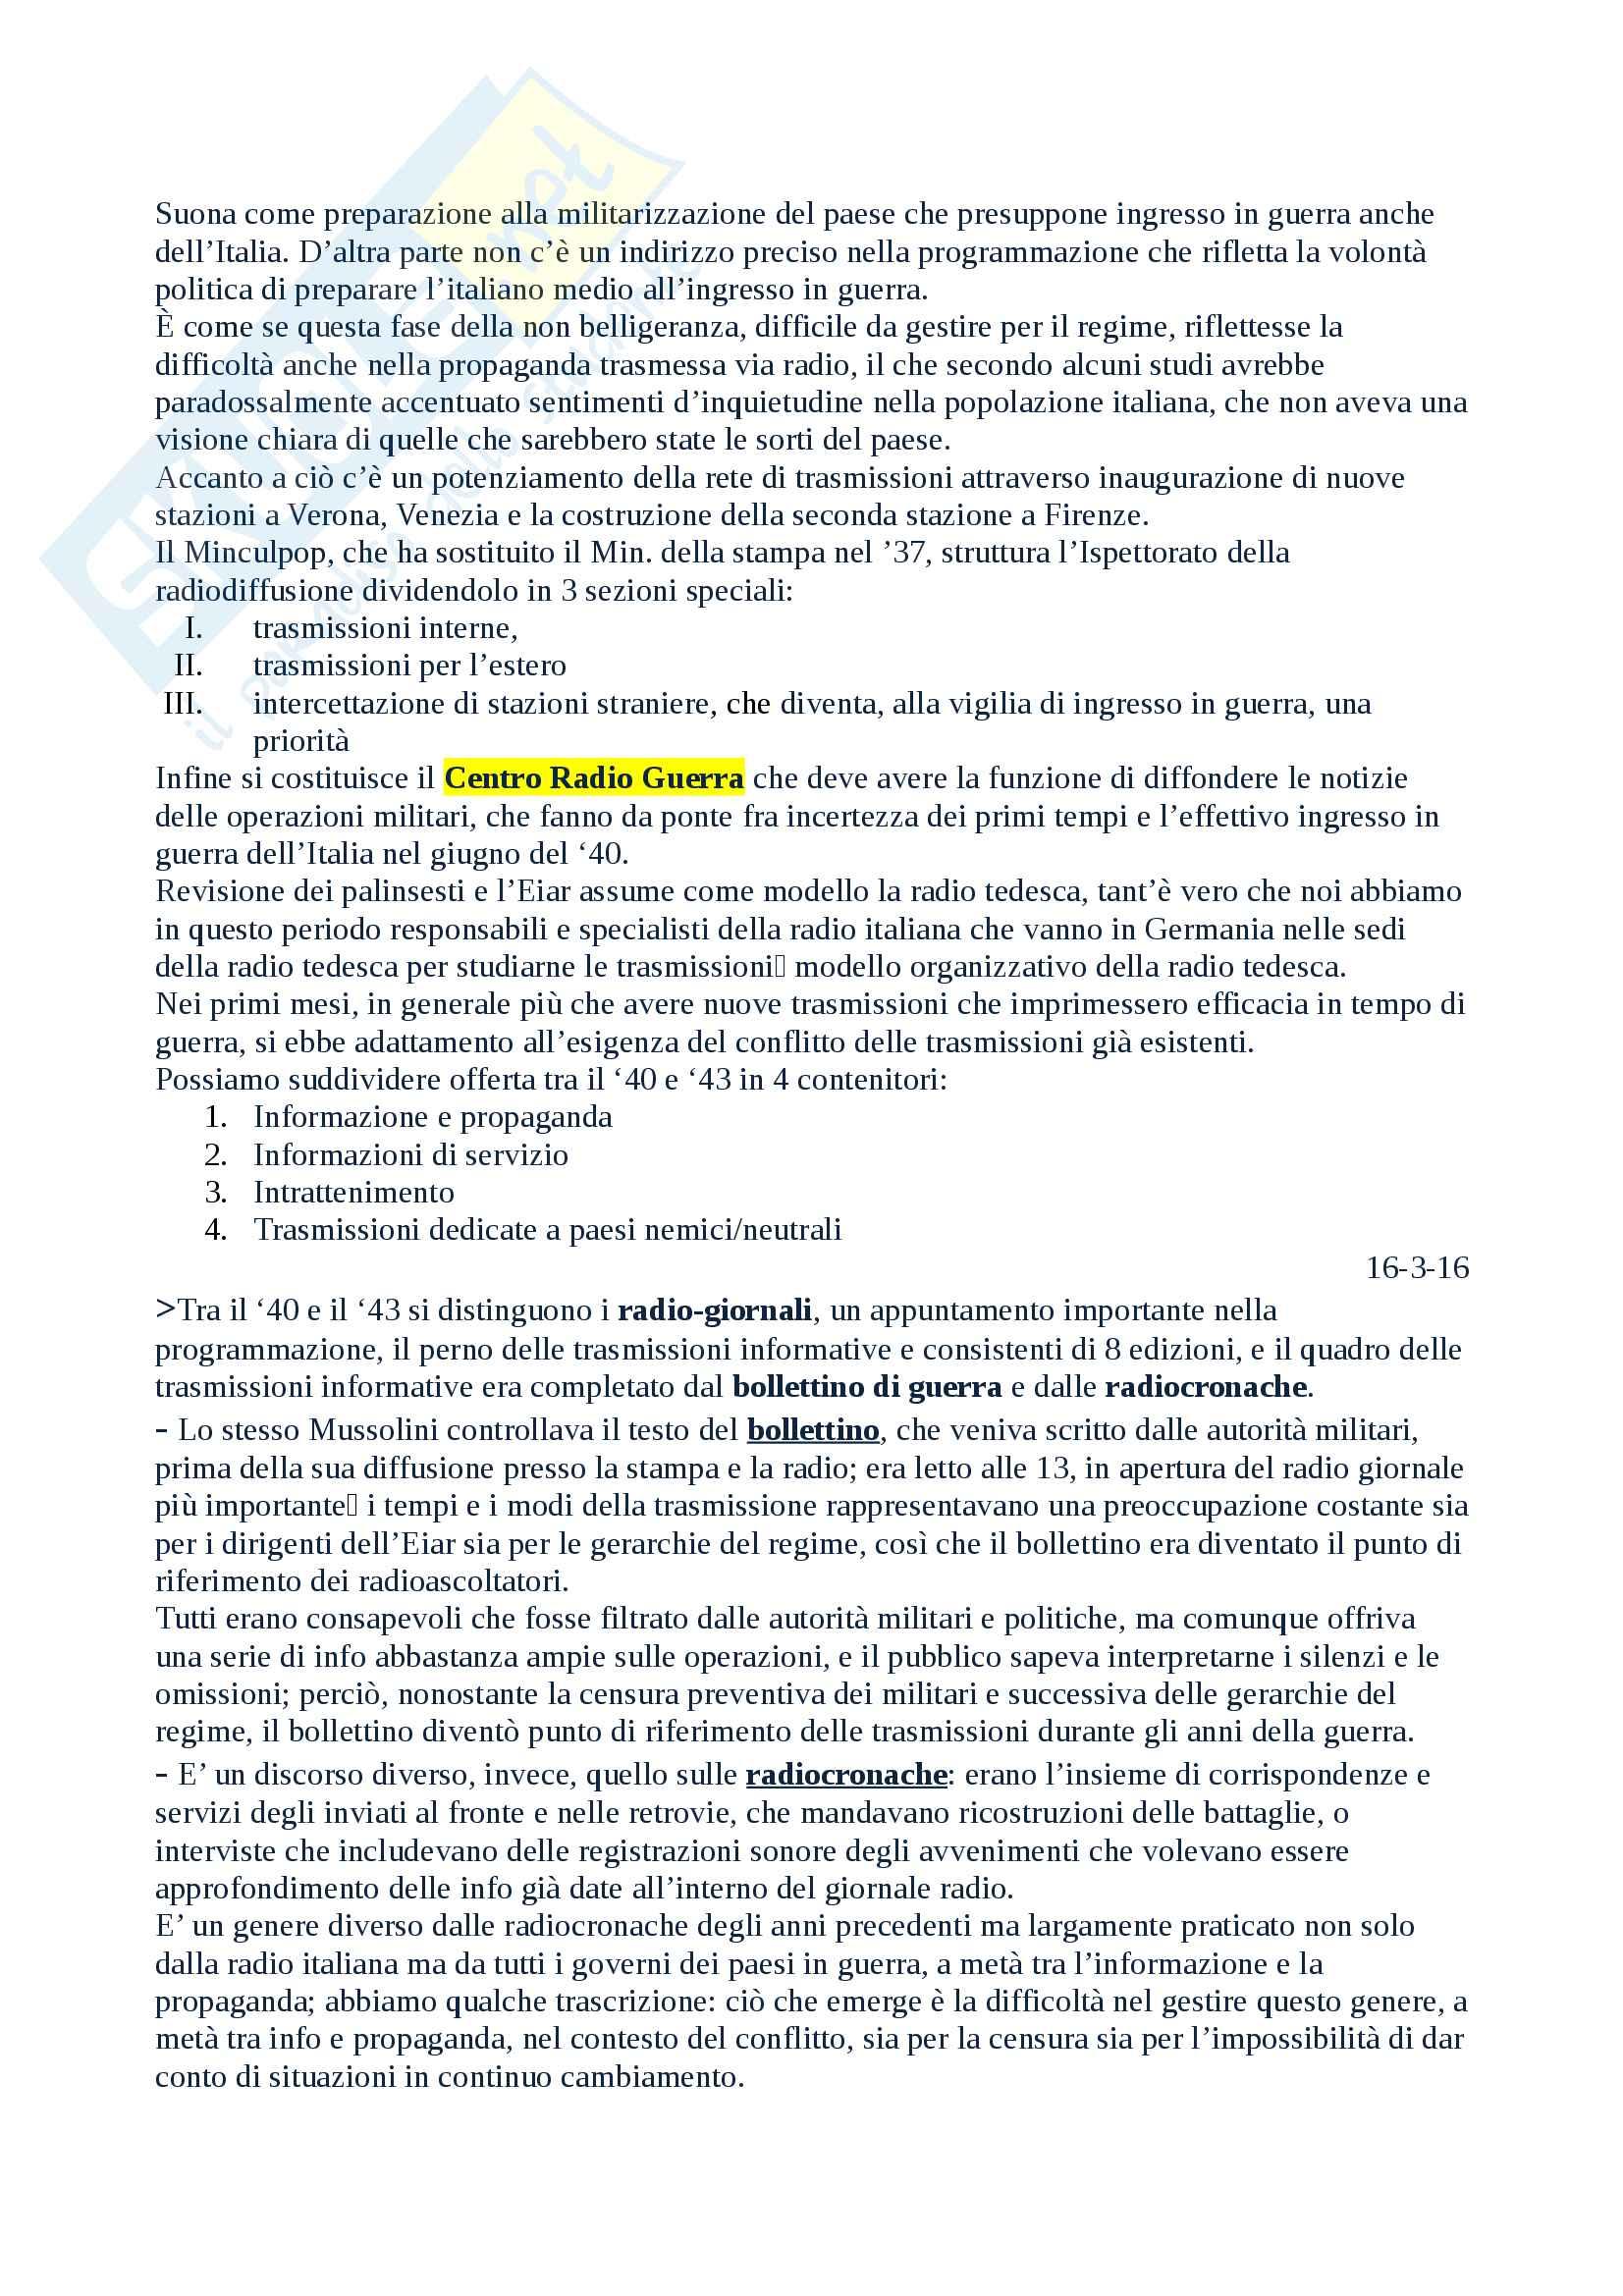 Salvatici Storia della radio e della televisione Pag. 26